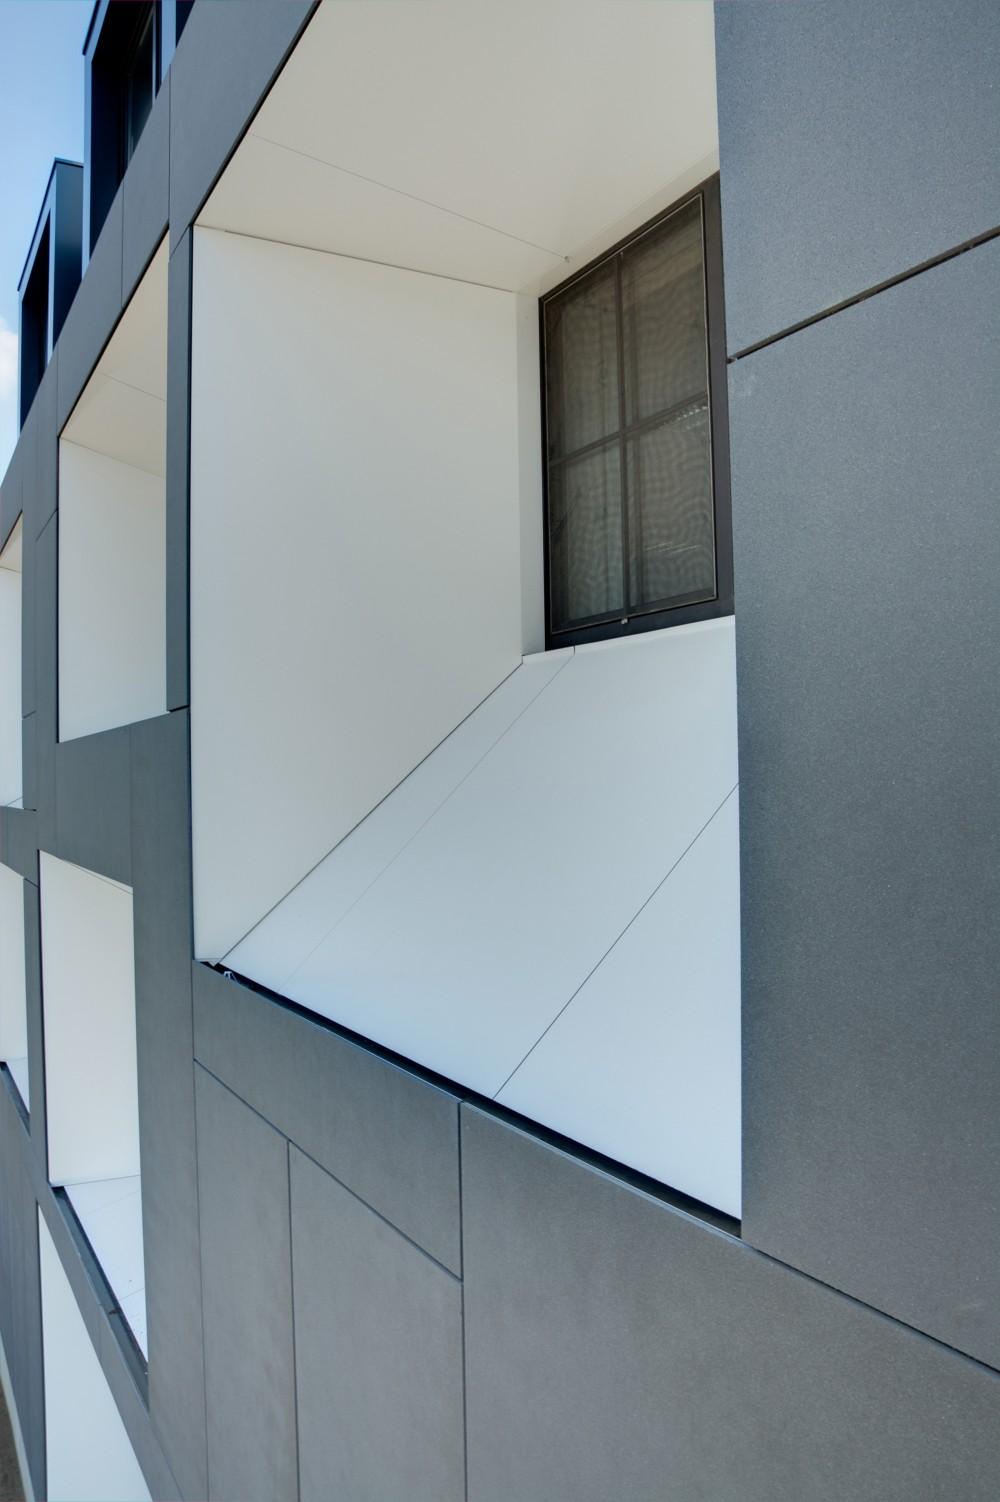 Abscis Architecten - Trechtervormige daglichtopeningen - fotografie Inge Claessens